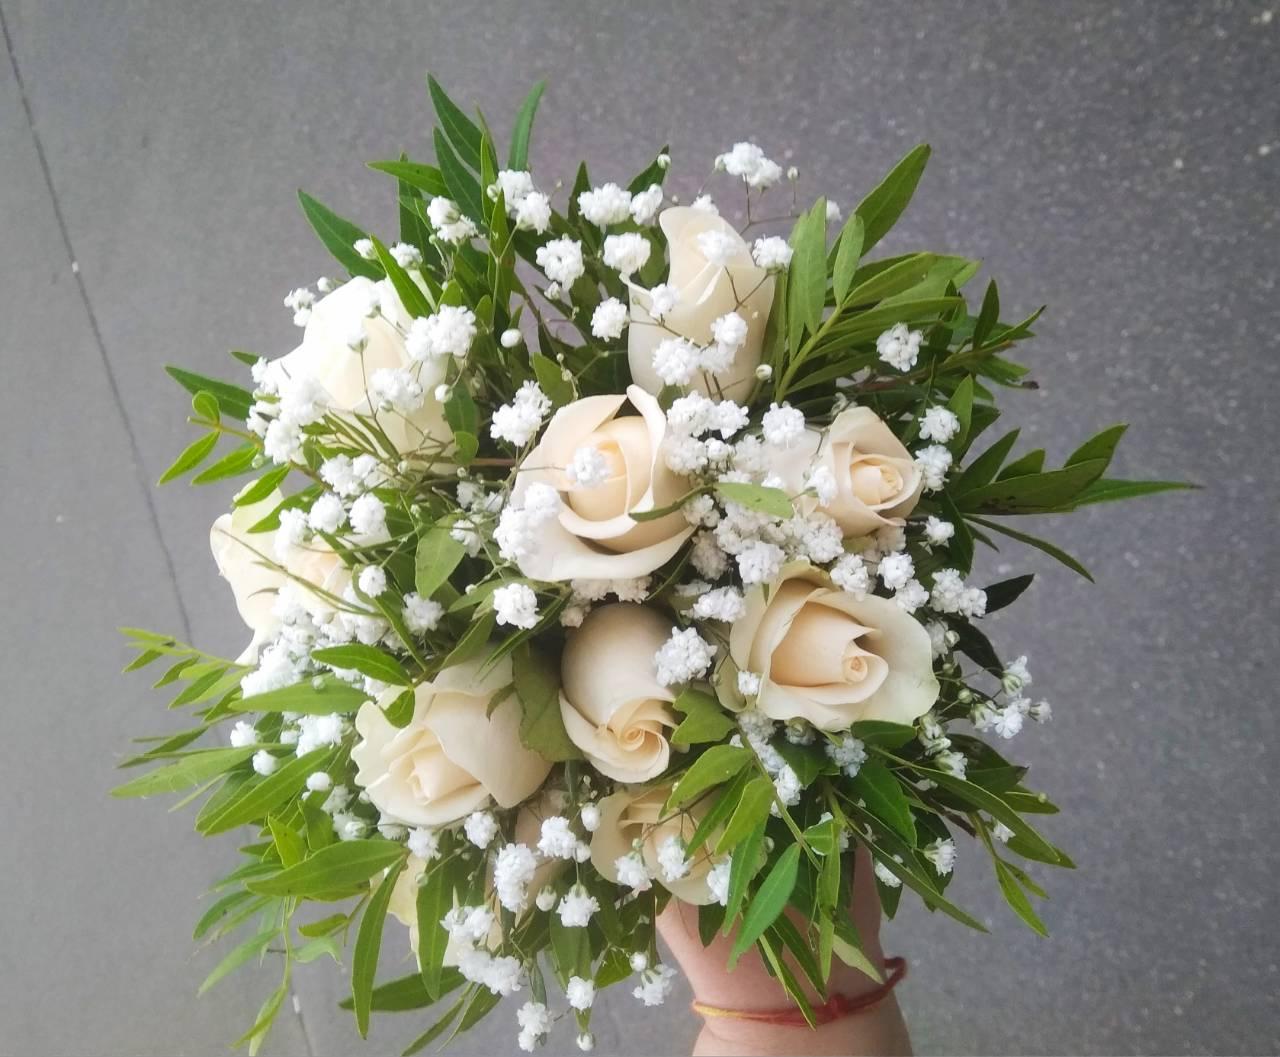 Букет невесты из гипсофила и розами, доставкой саратов